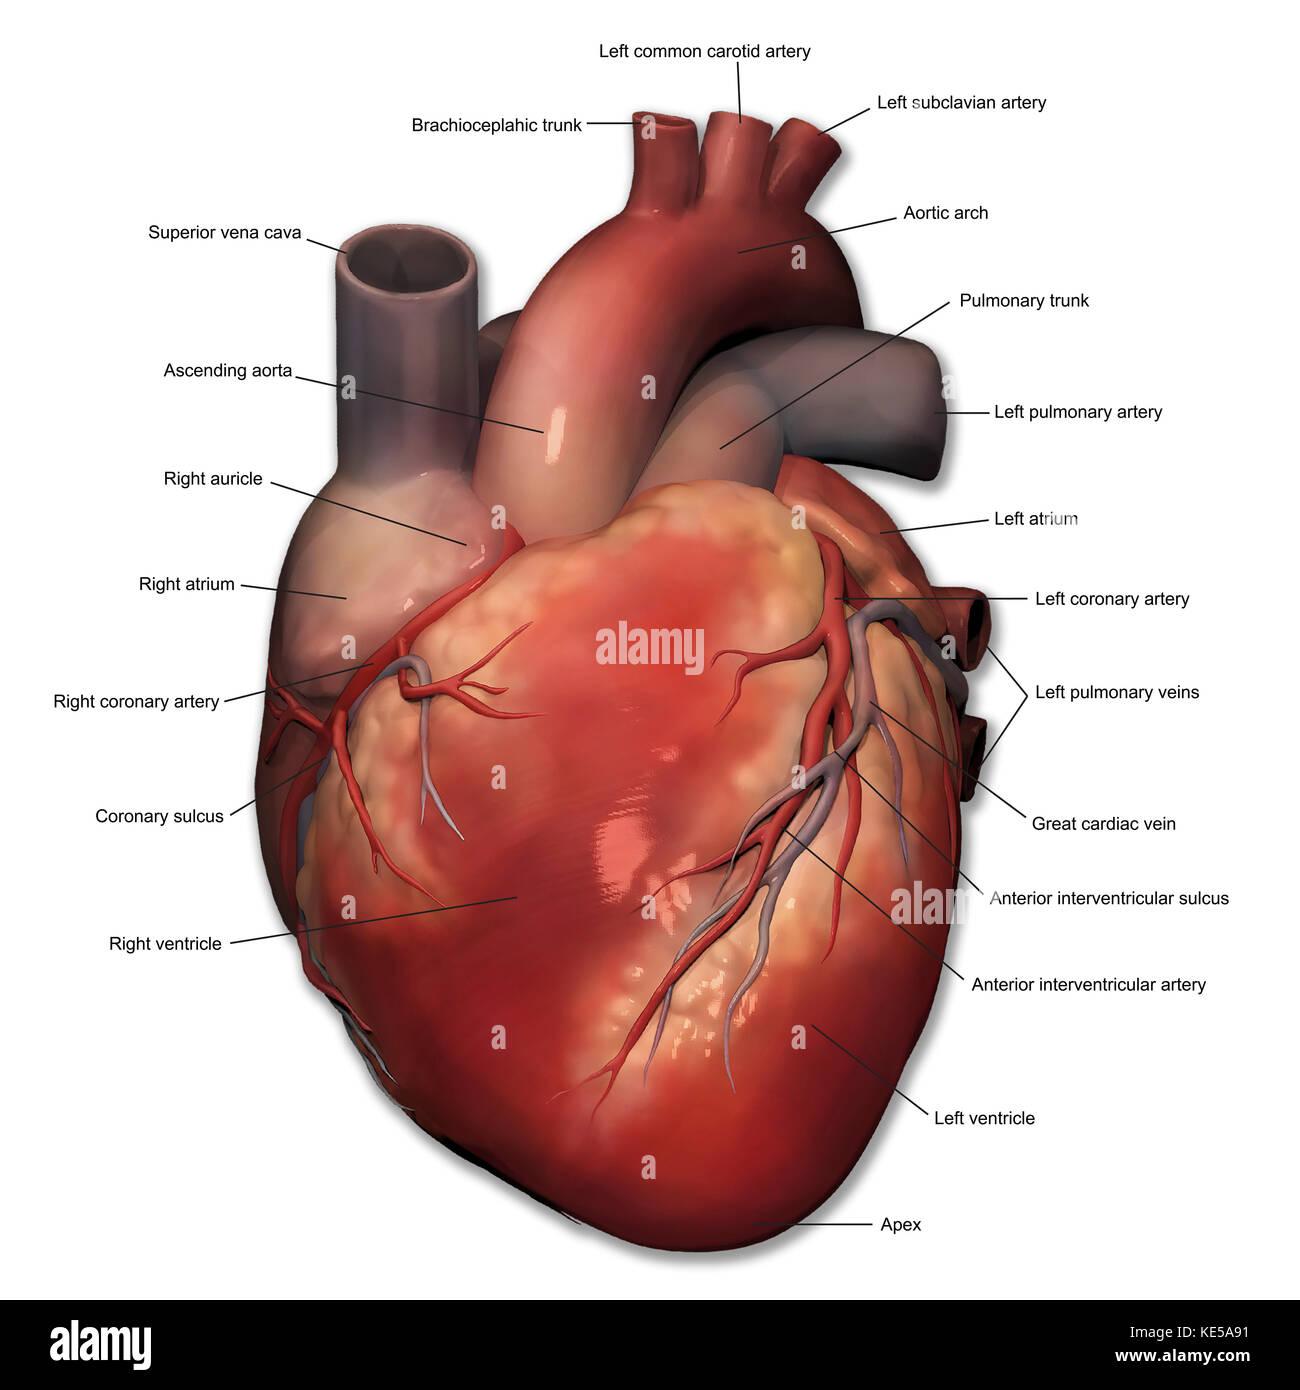 Nett Teile Des Menschlichen Herzens Ideen - Menschliche Anatomie ...